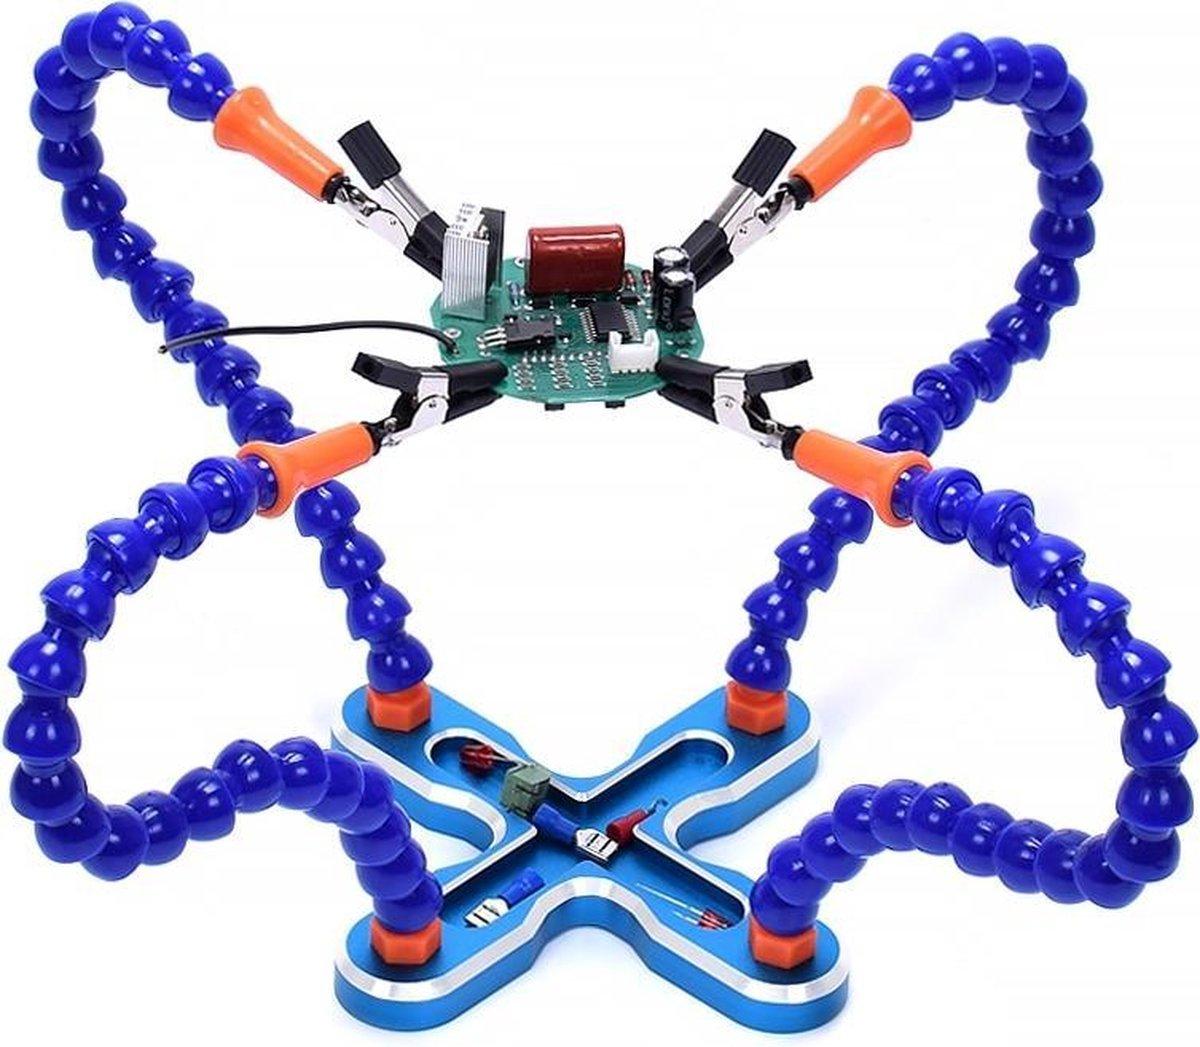 USB LED 3x bril vergrootglas lamp diy solderen derde hand flexibele armen lassen helpen stand reparatie houder gereedschap (blauw) - Merkloos